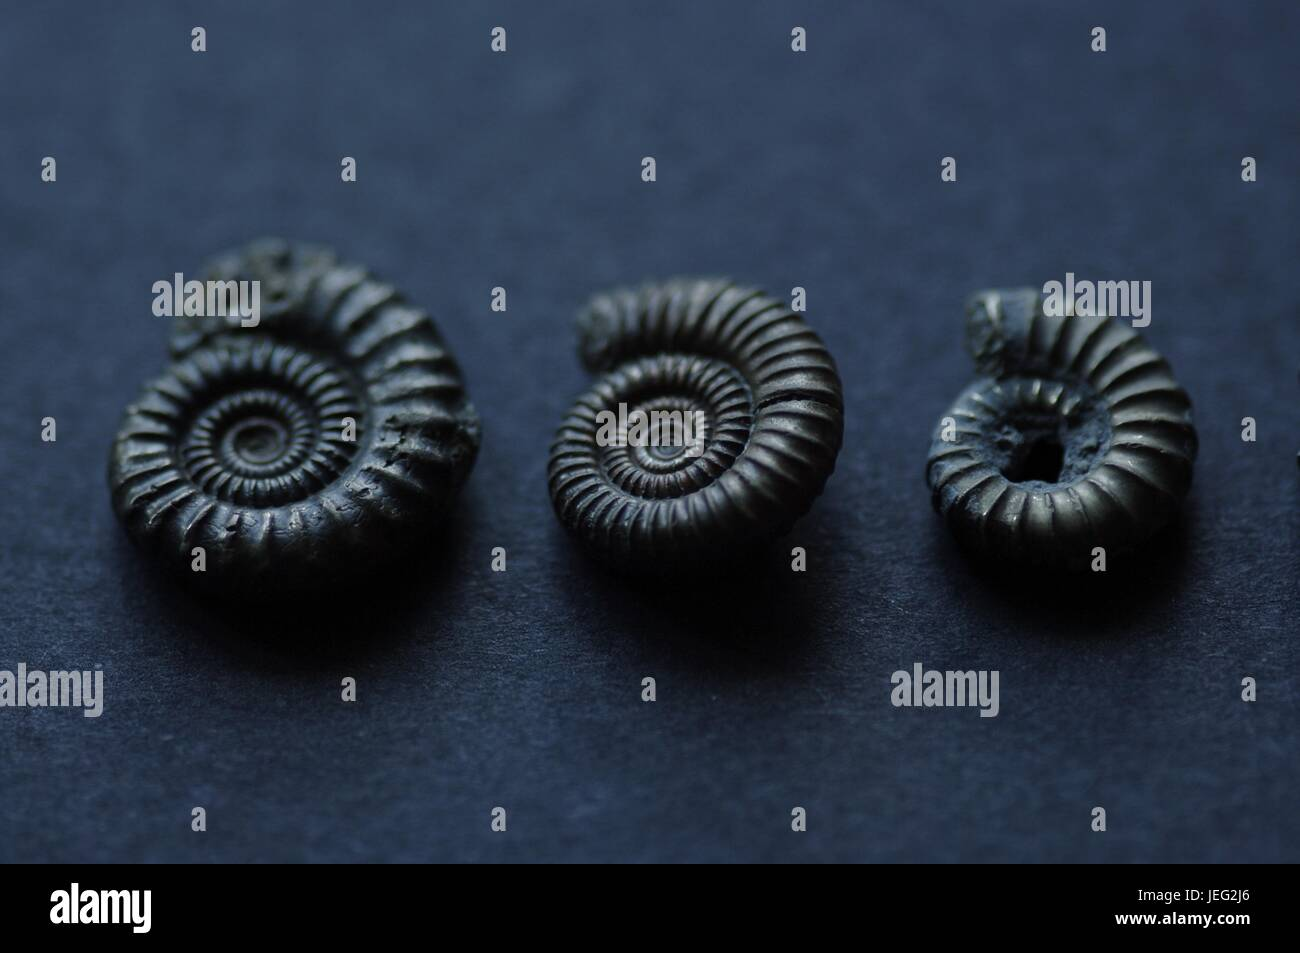 Three Pyrite Ammonite Fossils from Charmouth Beach, Devon, UK. June, 2017. Macro Photo. - Stock Image